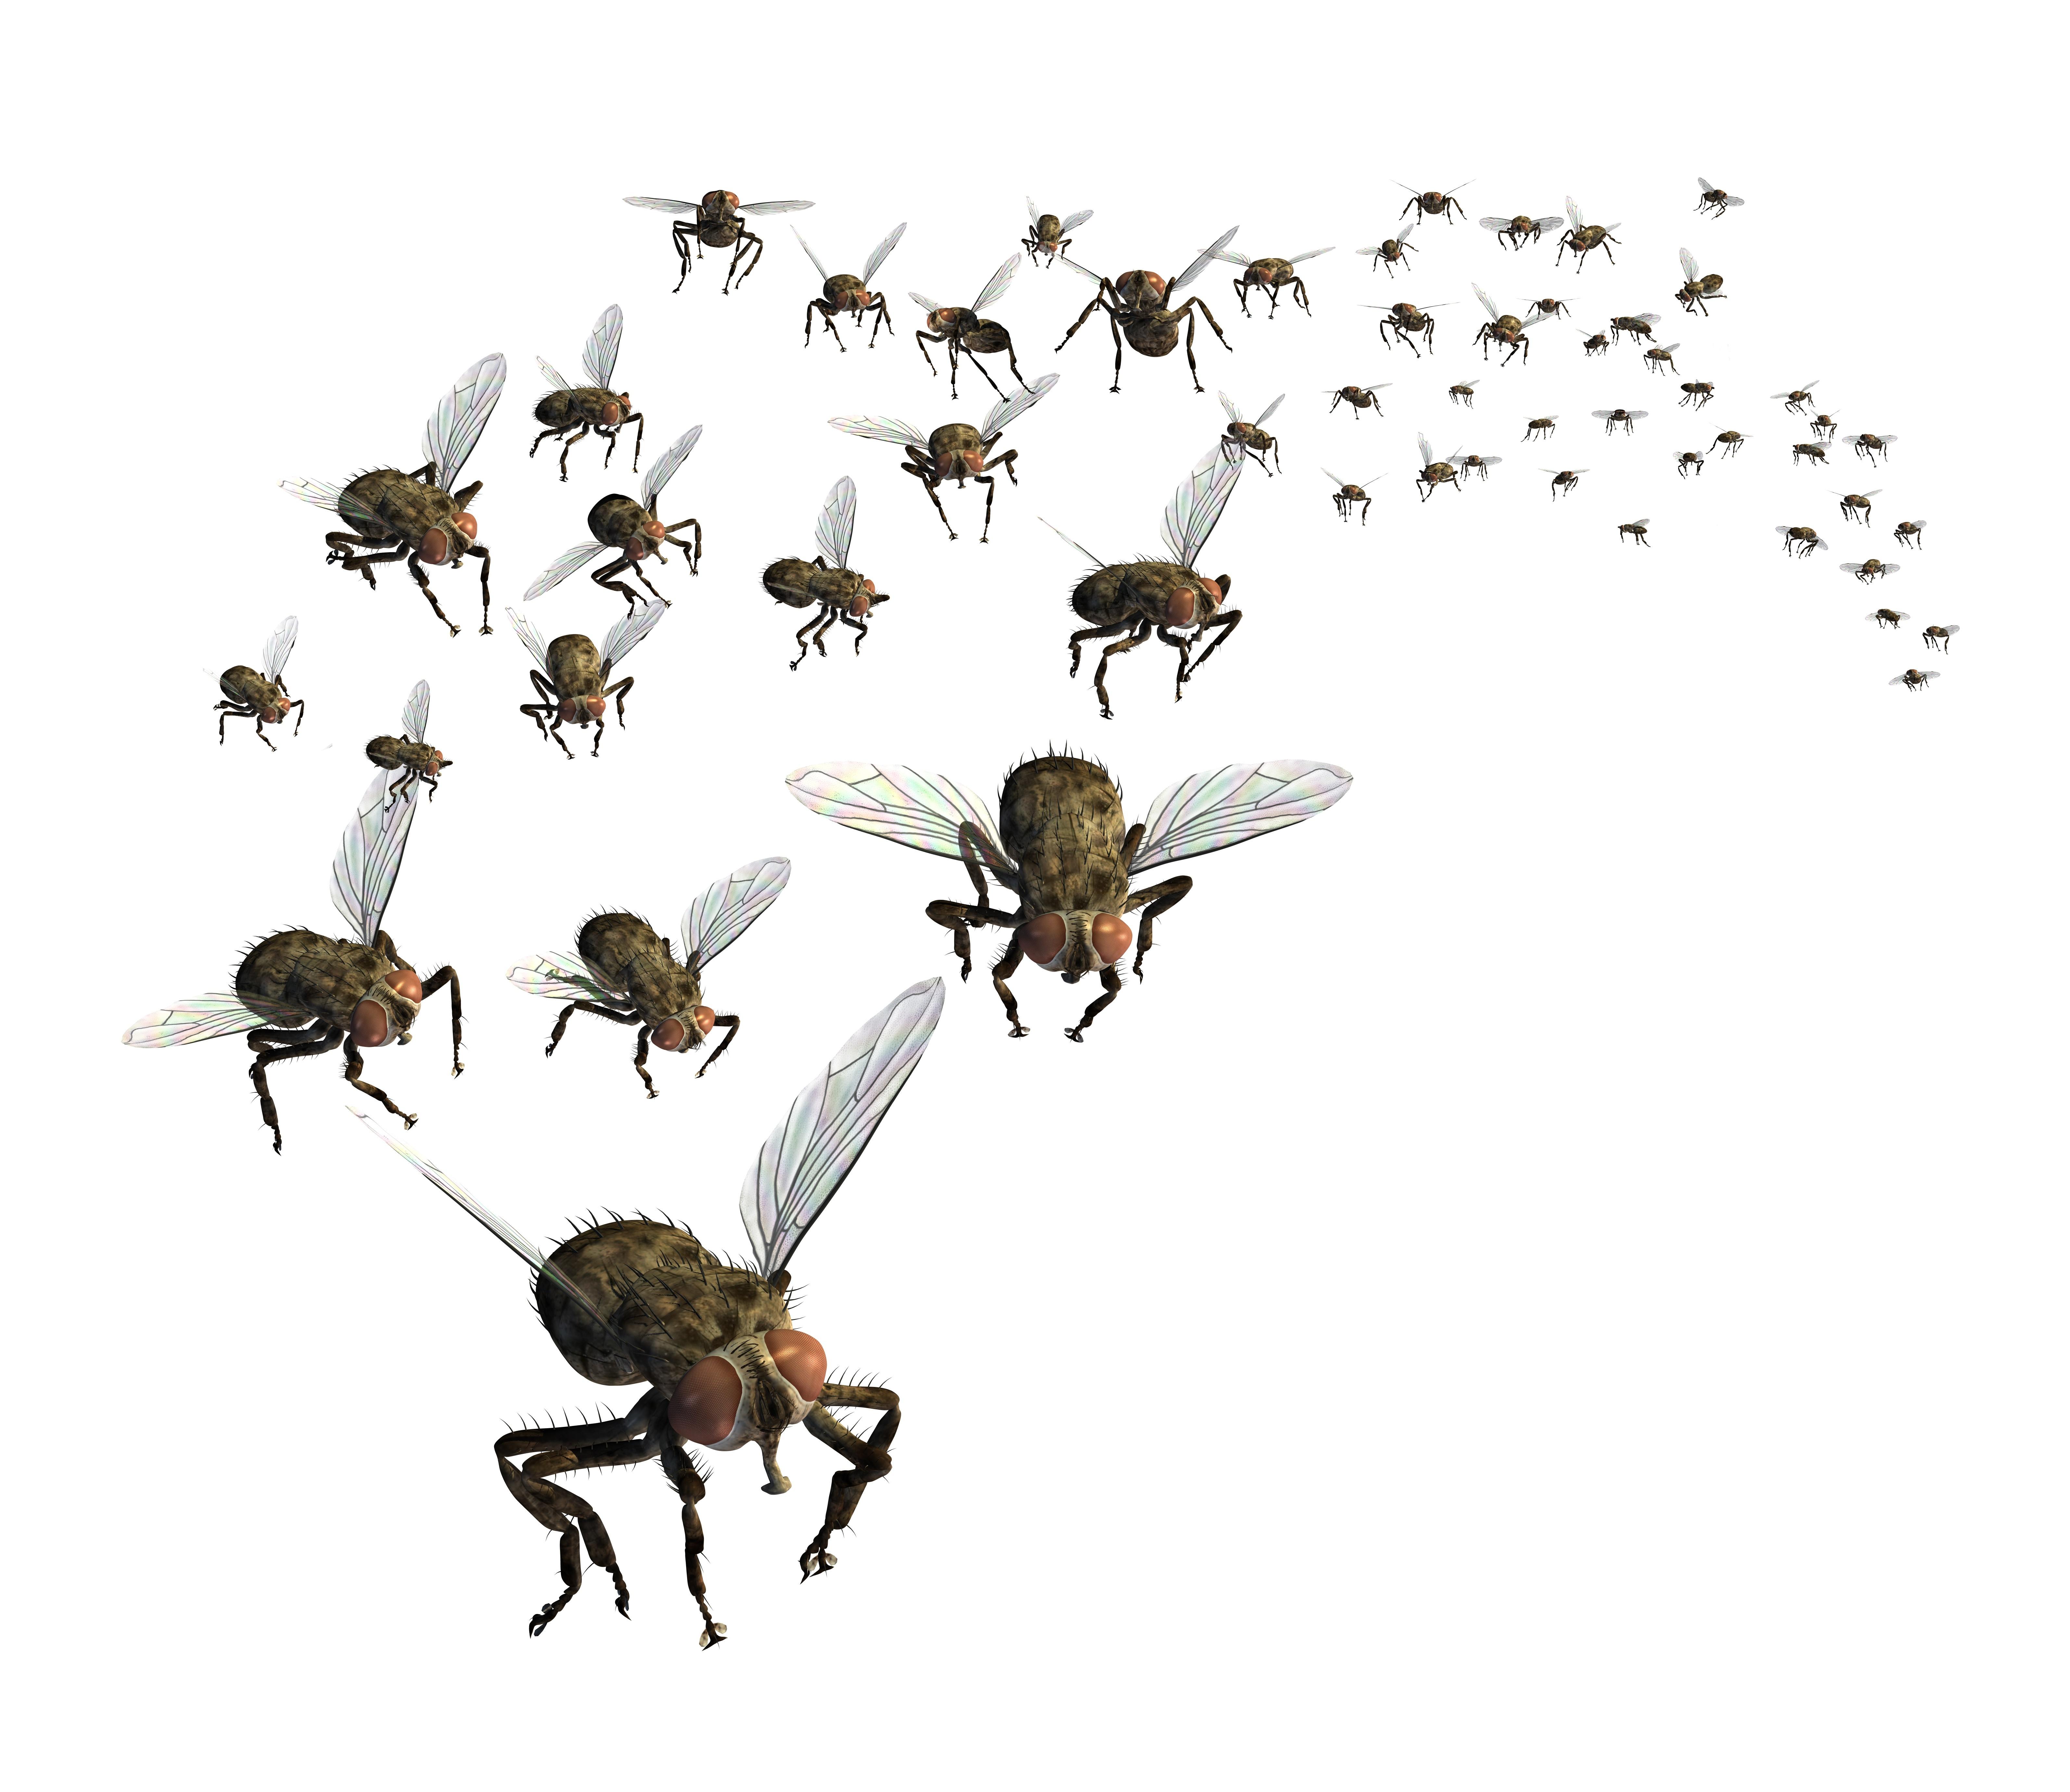 Zararlılar - Flies